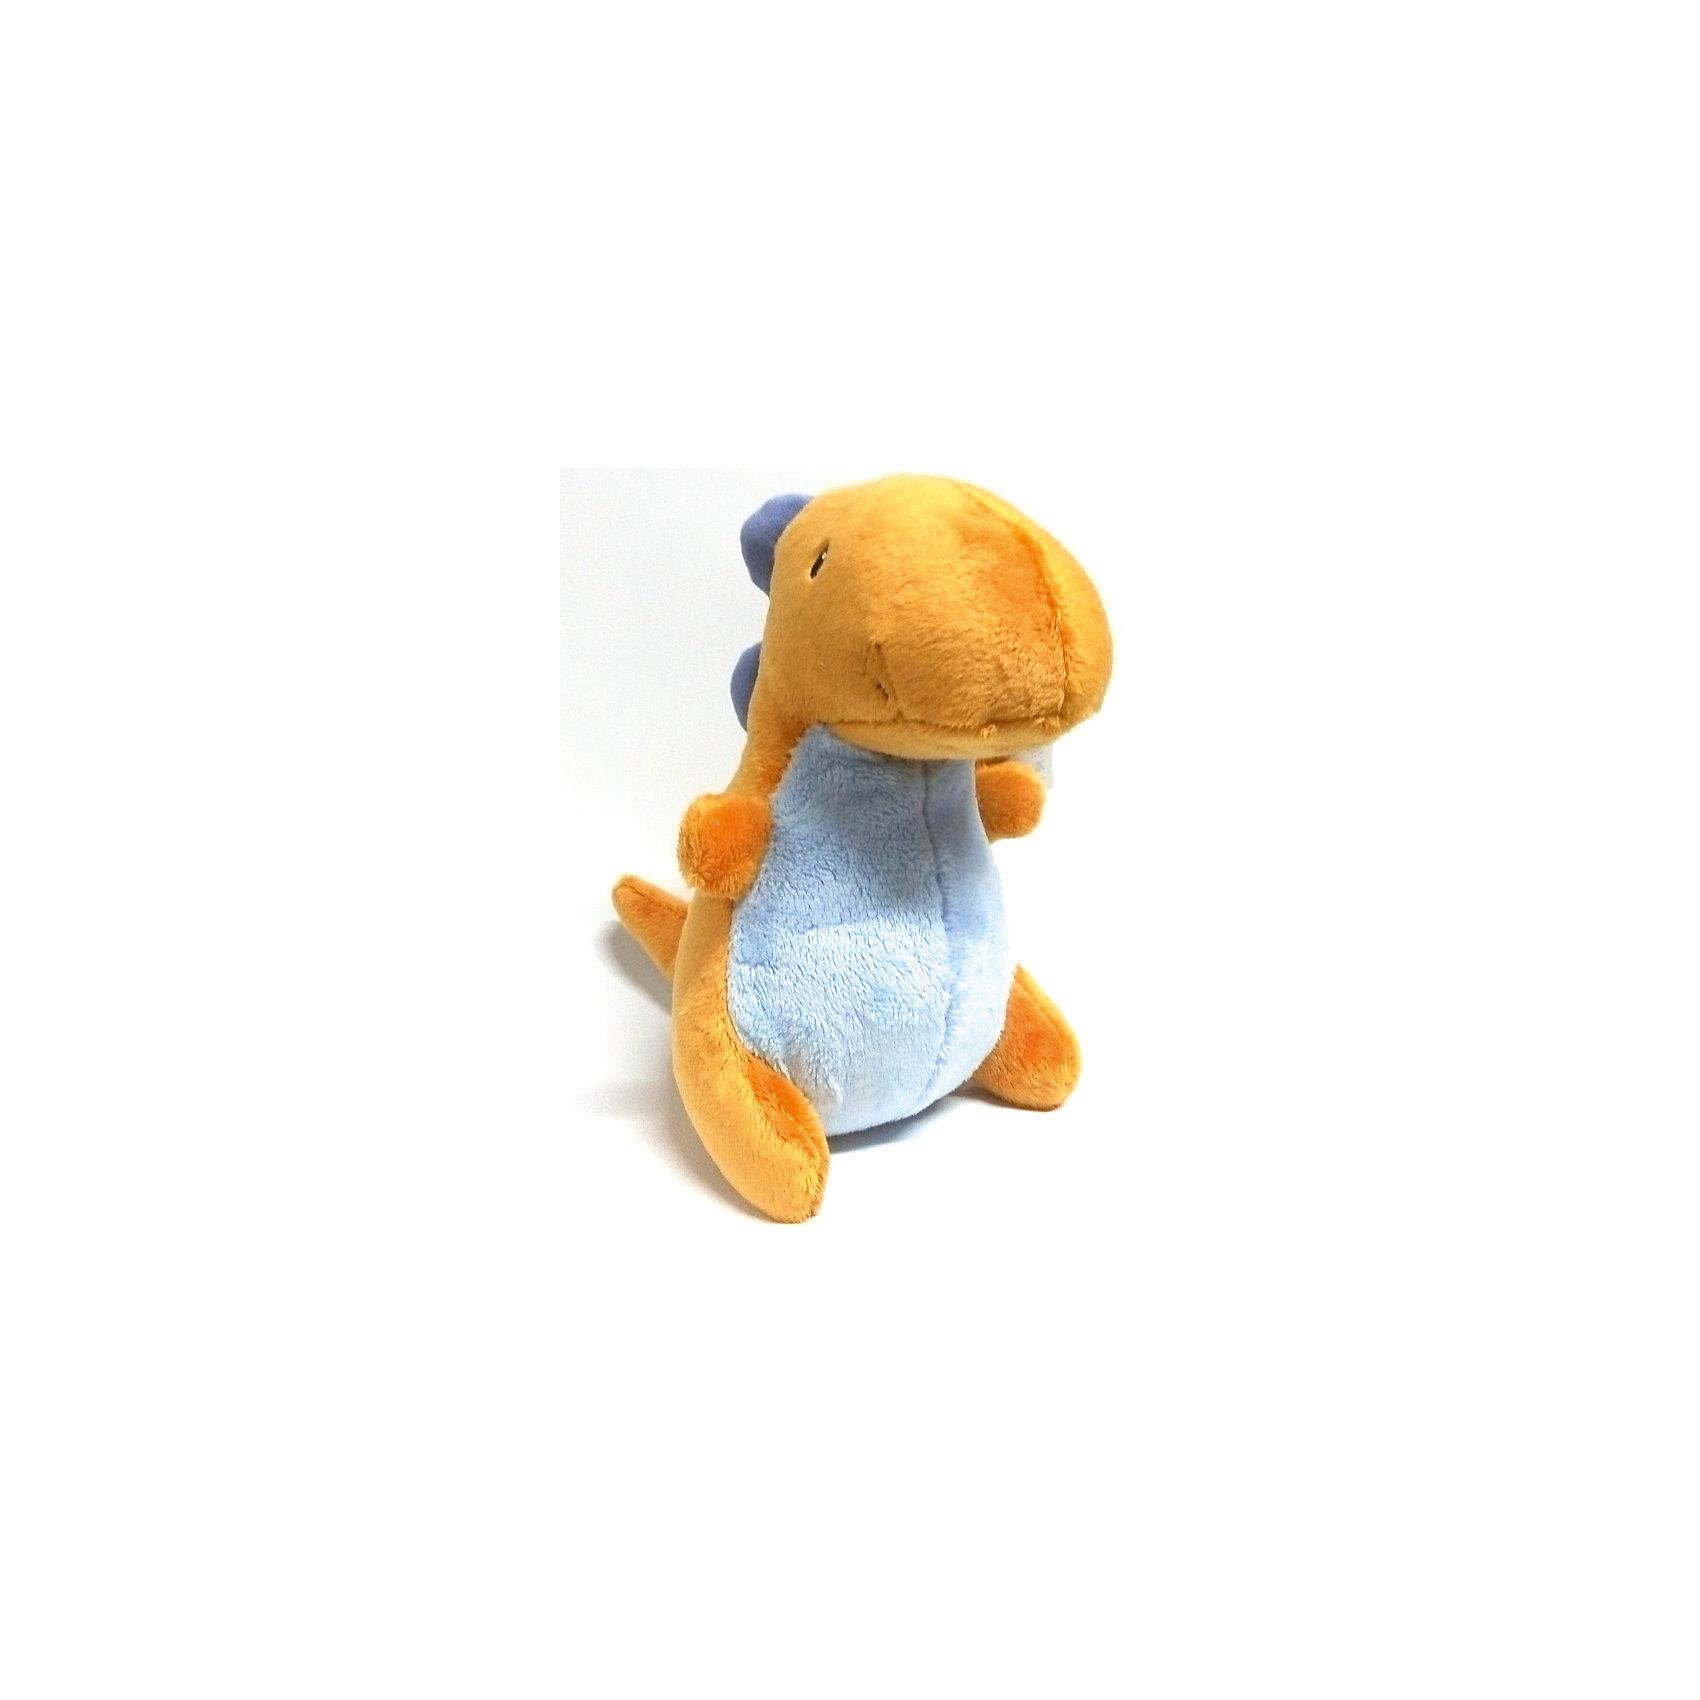 Динозаврик Crom, 26 см, GundЗвери и птицы<br>Динозаврик Crom, Gund - чудесная мягкая игрушка, которой будут рады дети любого возраста. Динозаврик выполнен из мягкого, приятного на ощупь материала. У него рыжая шерстка, добродушная мордочка и синие чешуйки на спине. Игрушка аккуратно сшита и отличается высоким качеством исполнения.<br><br>Дополнительная информация:<br><br>- Материал: искусственный мех, текстиль.<br>- Высота игрушки: 26 см.<br>- Размер игрушки: 18 x 12,5 x 26,5 см.<br>- Вес: 0,15 кг. <br><br>Динозаврика Crom, 26 см., Gund, можно купить в нашем интернет-магазине.<br><br>Ширина мм: 160<br>Глубина мм: 220<br>Высота мм: 265<br>Вес г: 150<br>Возраст от месяцев: 36<br>Возраст до месяцев: 120<br>Пол: Унисекс<br>Возраст: Детский<br>SKU: 4241899